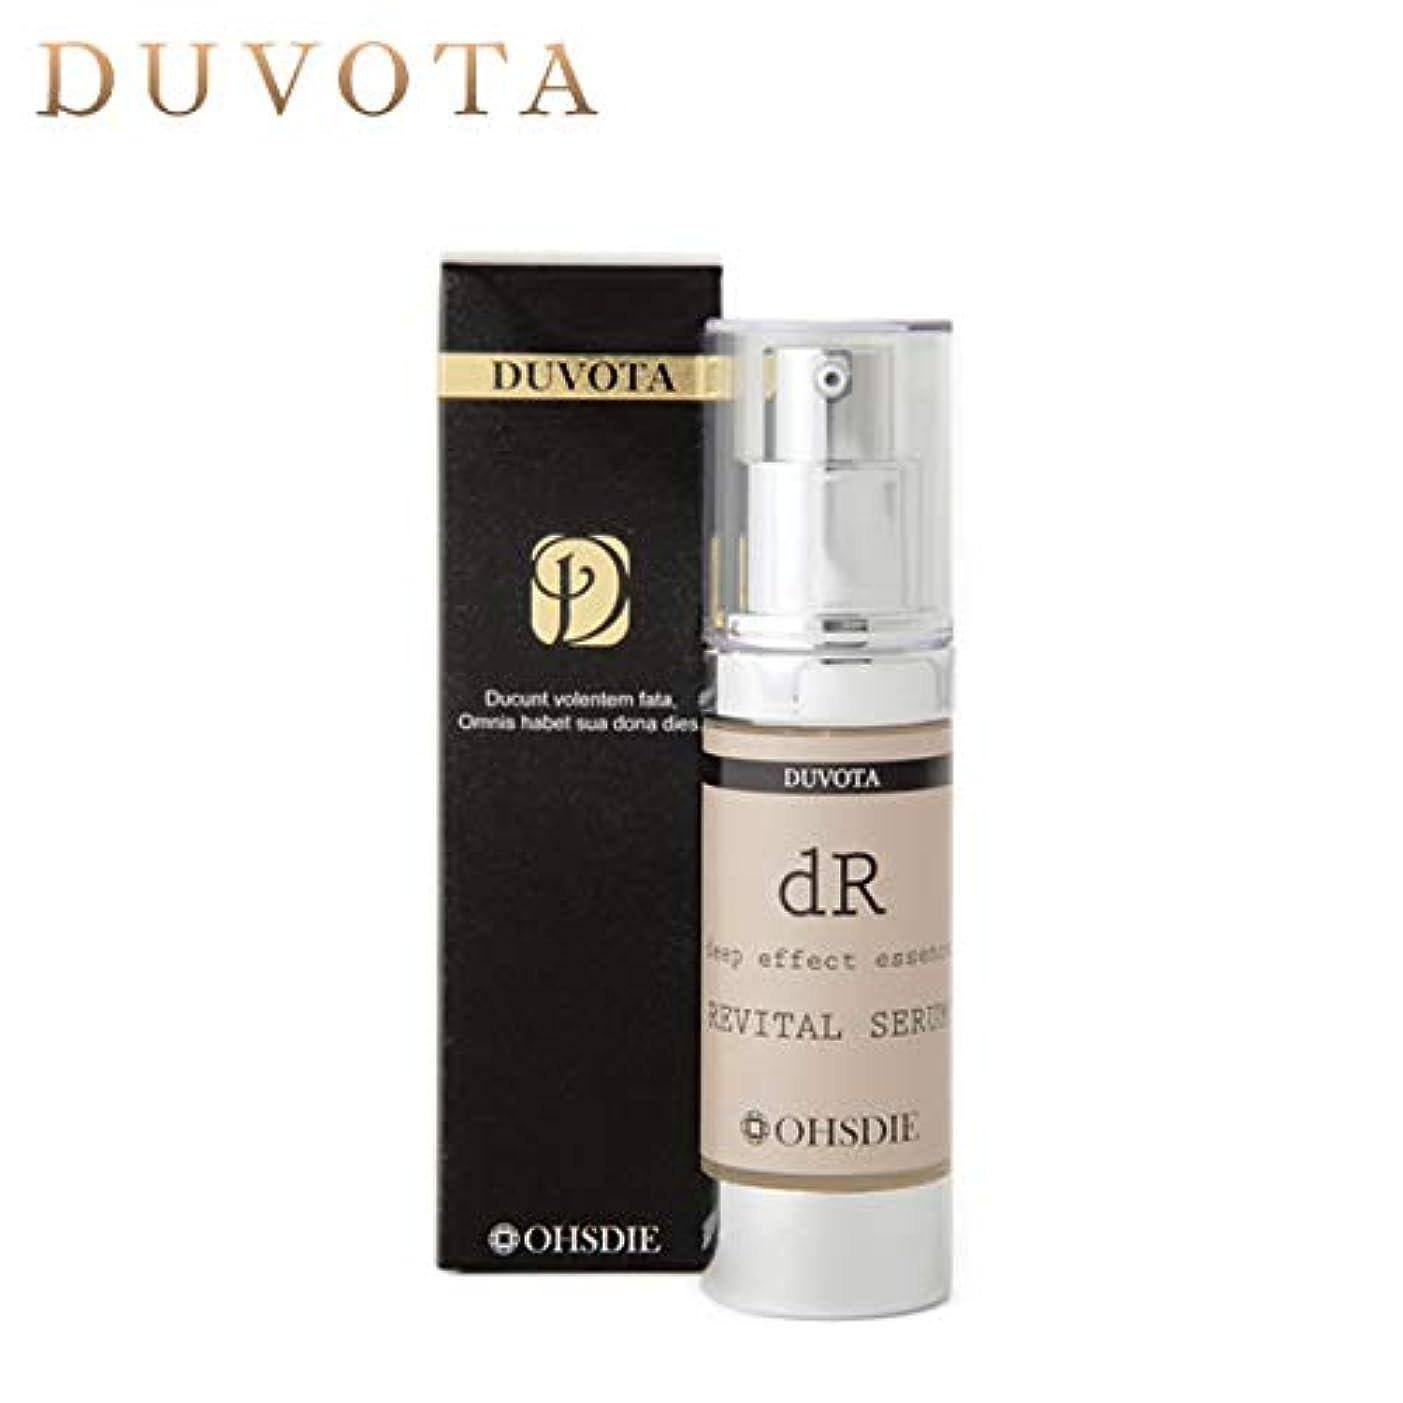 提案する受ける話をするEGF 幹細胞 美容液 DUVOTA(ドゥボータ)ディープエフェクトエッセンスDリバイタルセラム 30ml / 馬プラセンタ ナールスゲン エレクトロポーション導入 エクラフレーズ 美顔器 リフトアップ 敏感肌 おすすめ